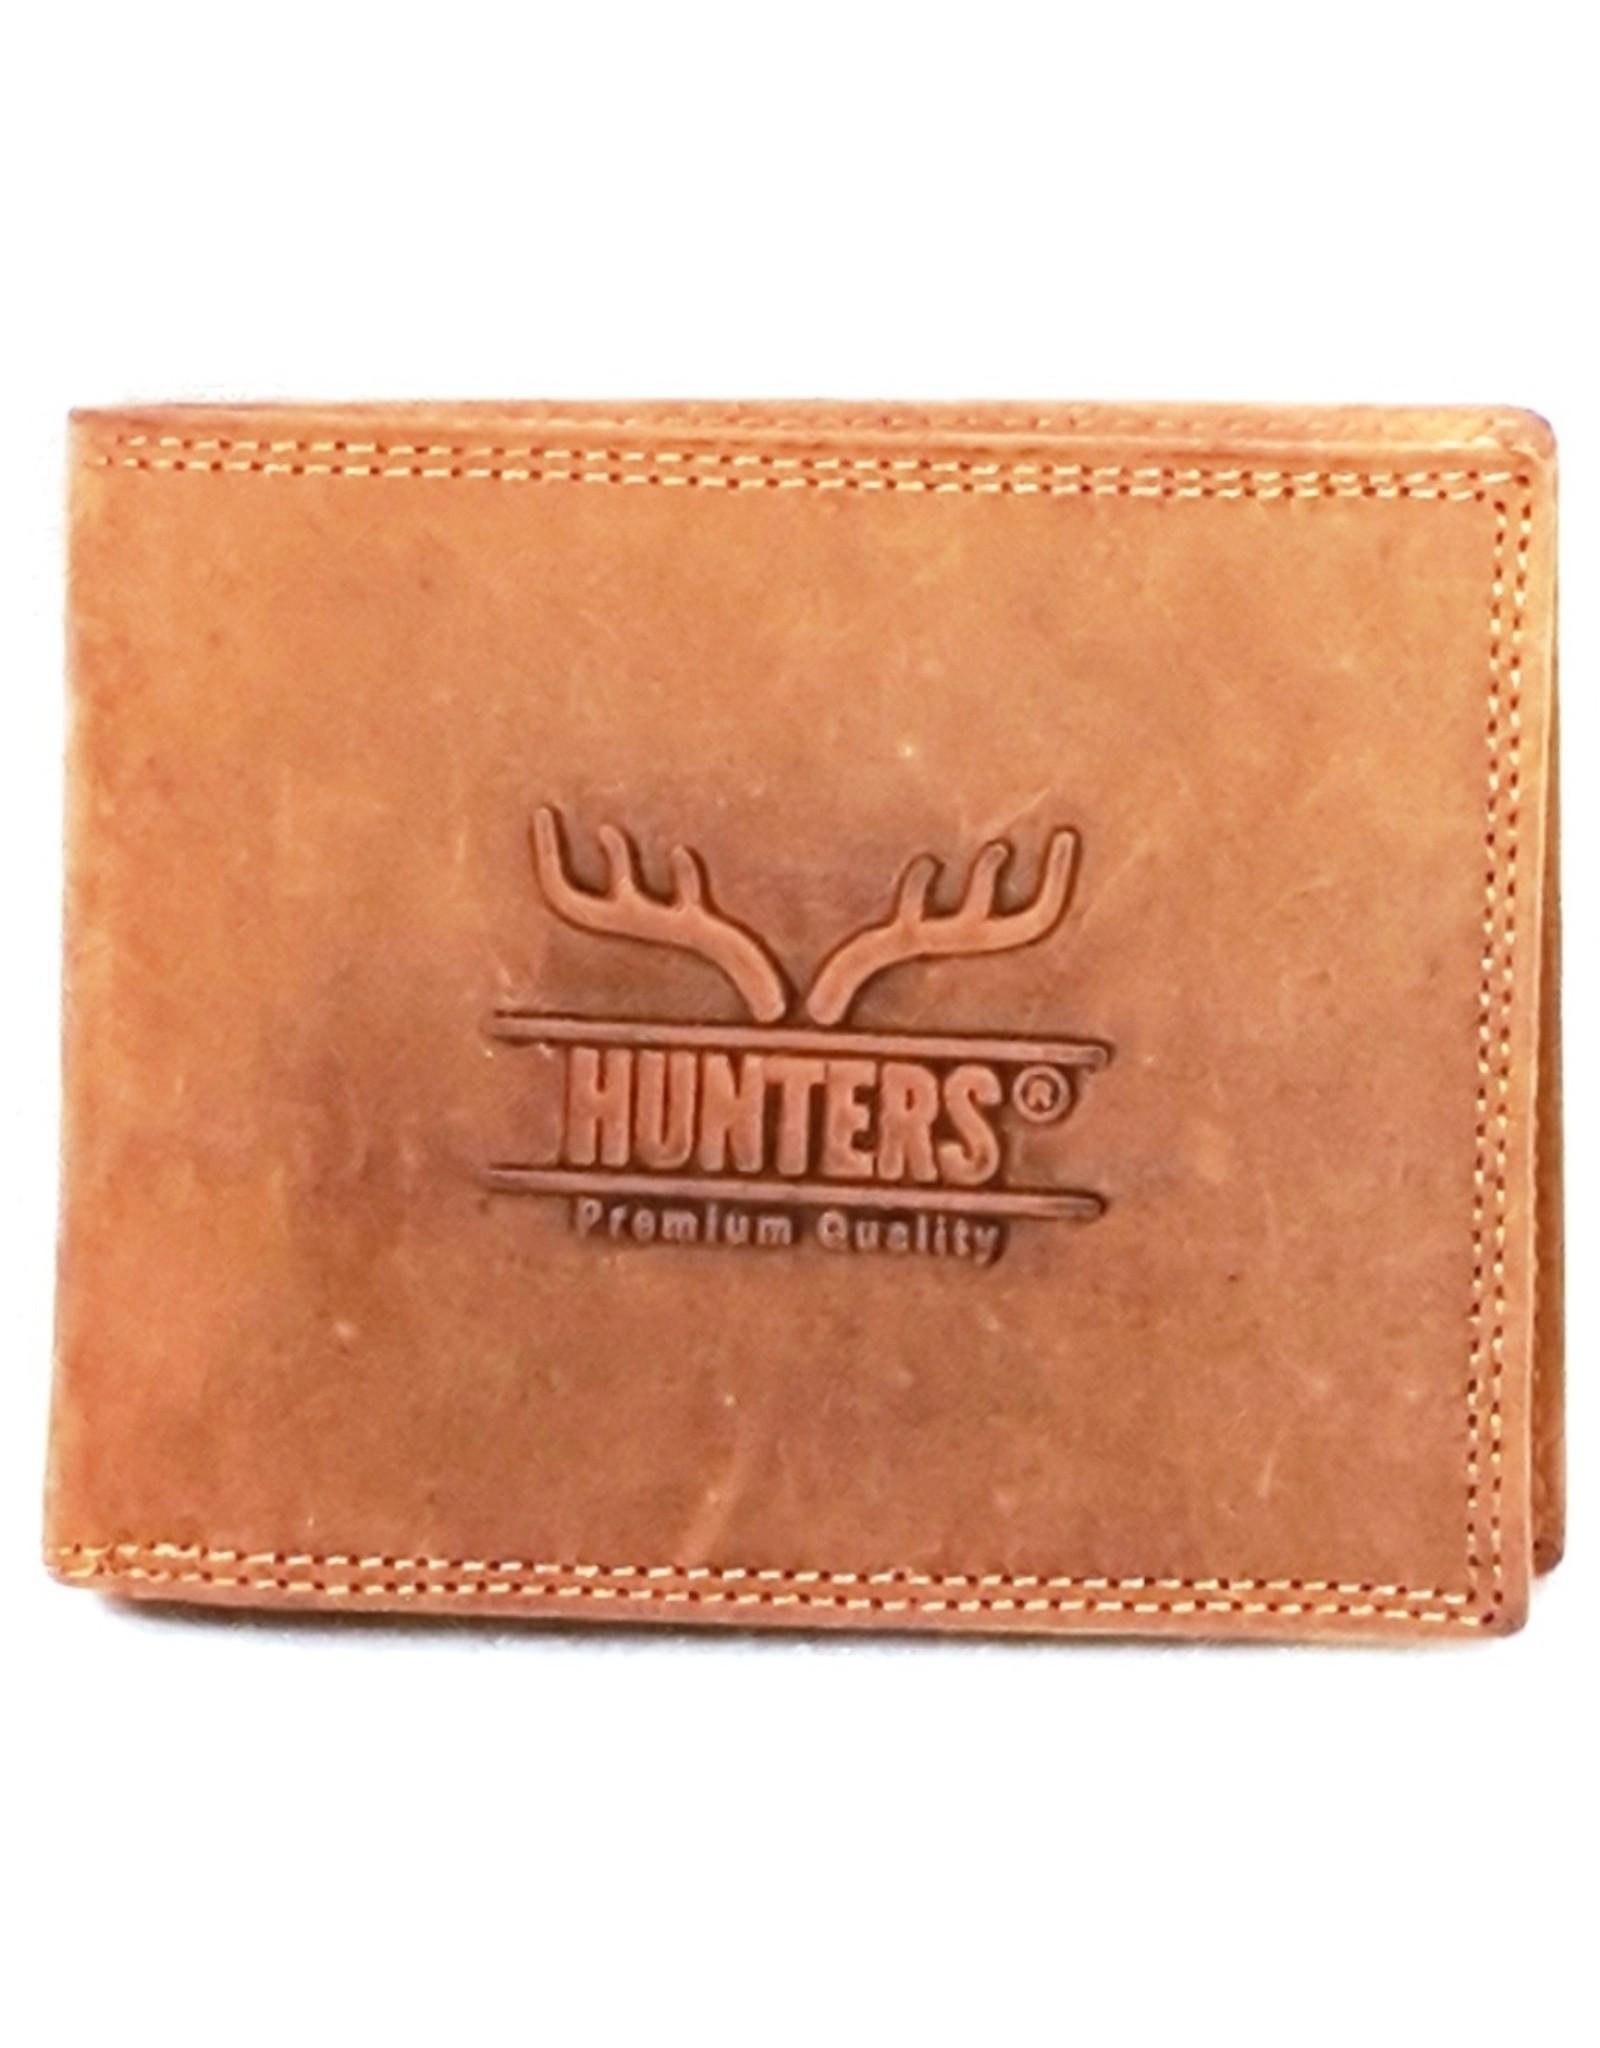 Hunters Leren Portemonnees - Leren portemonnee Hunters licht bruin